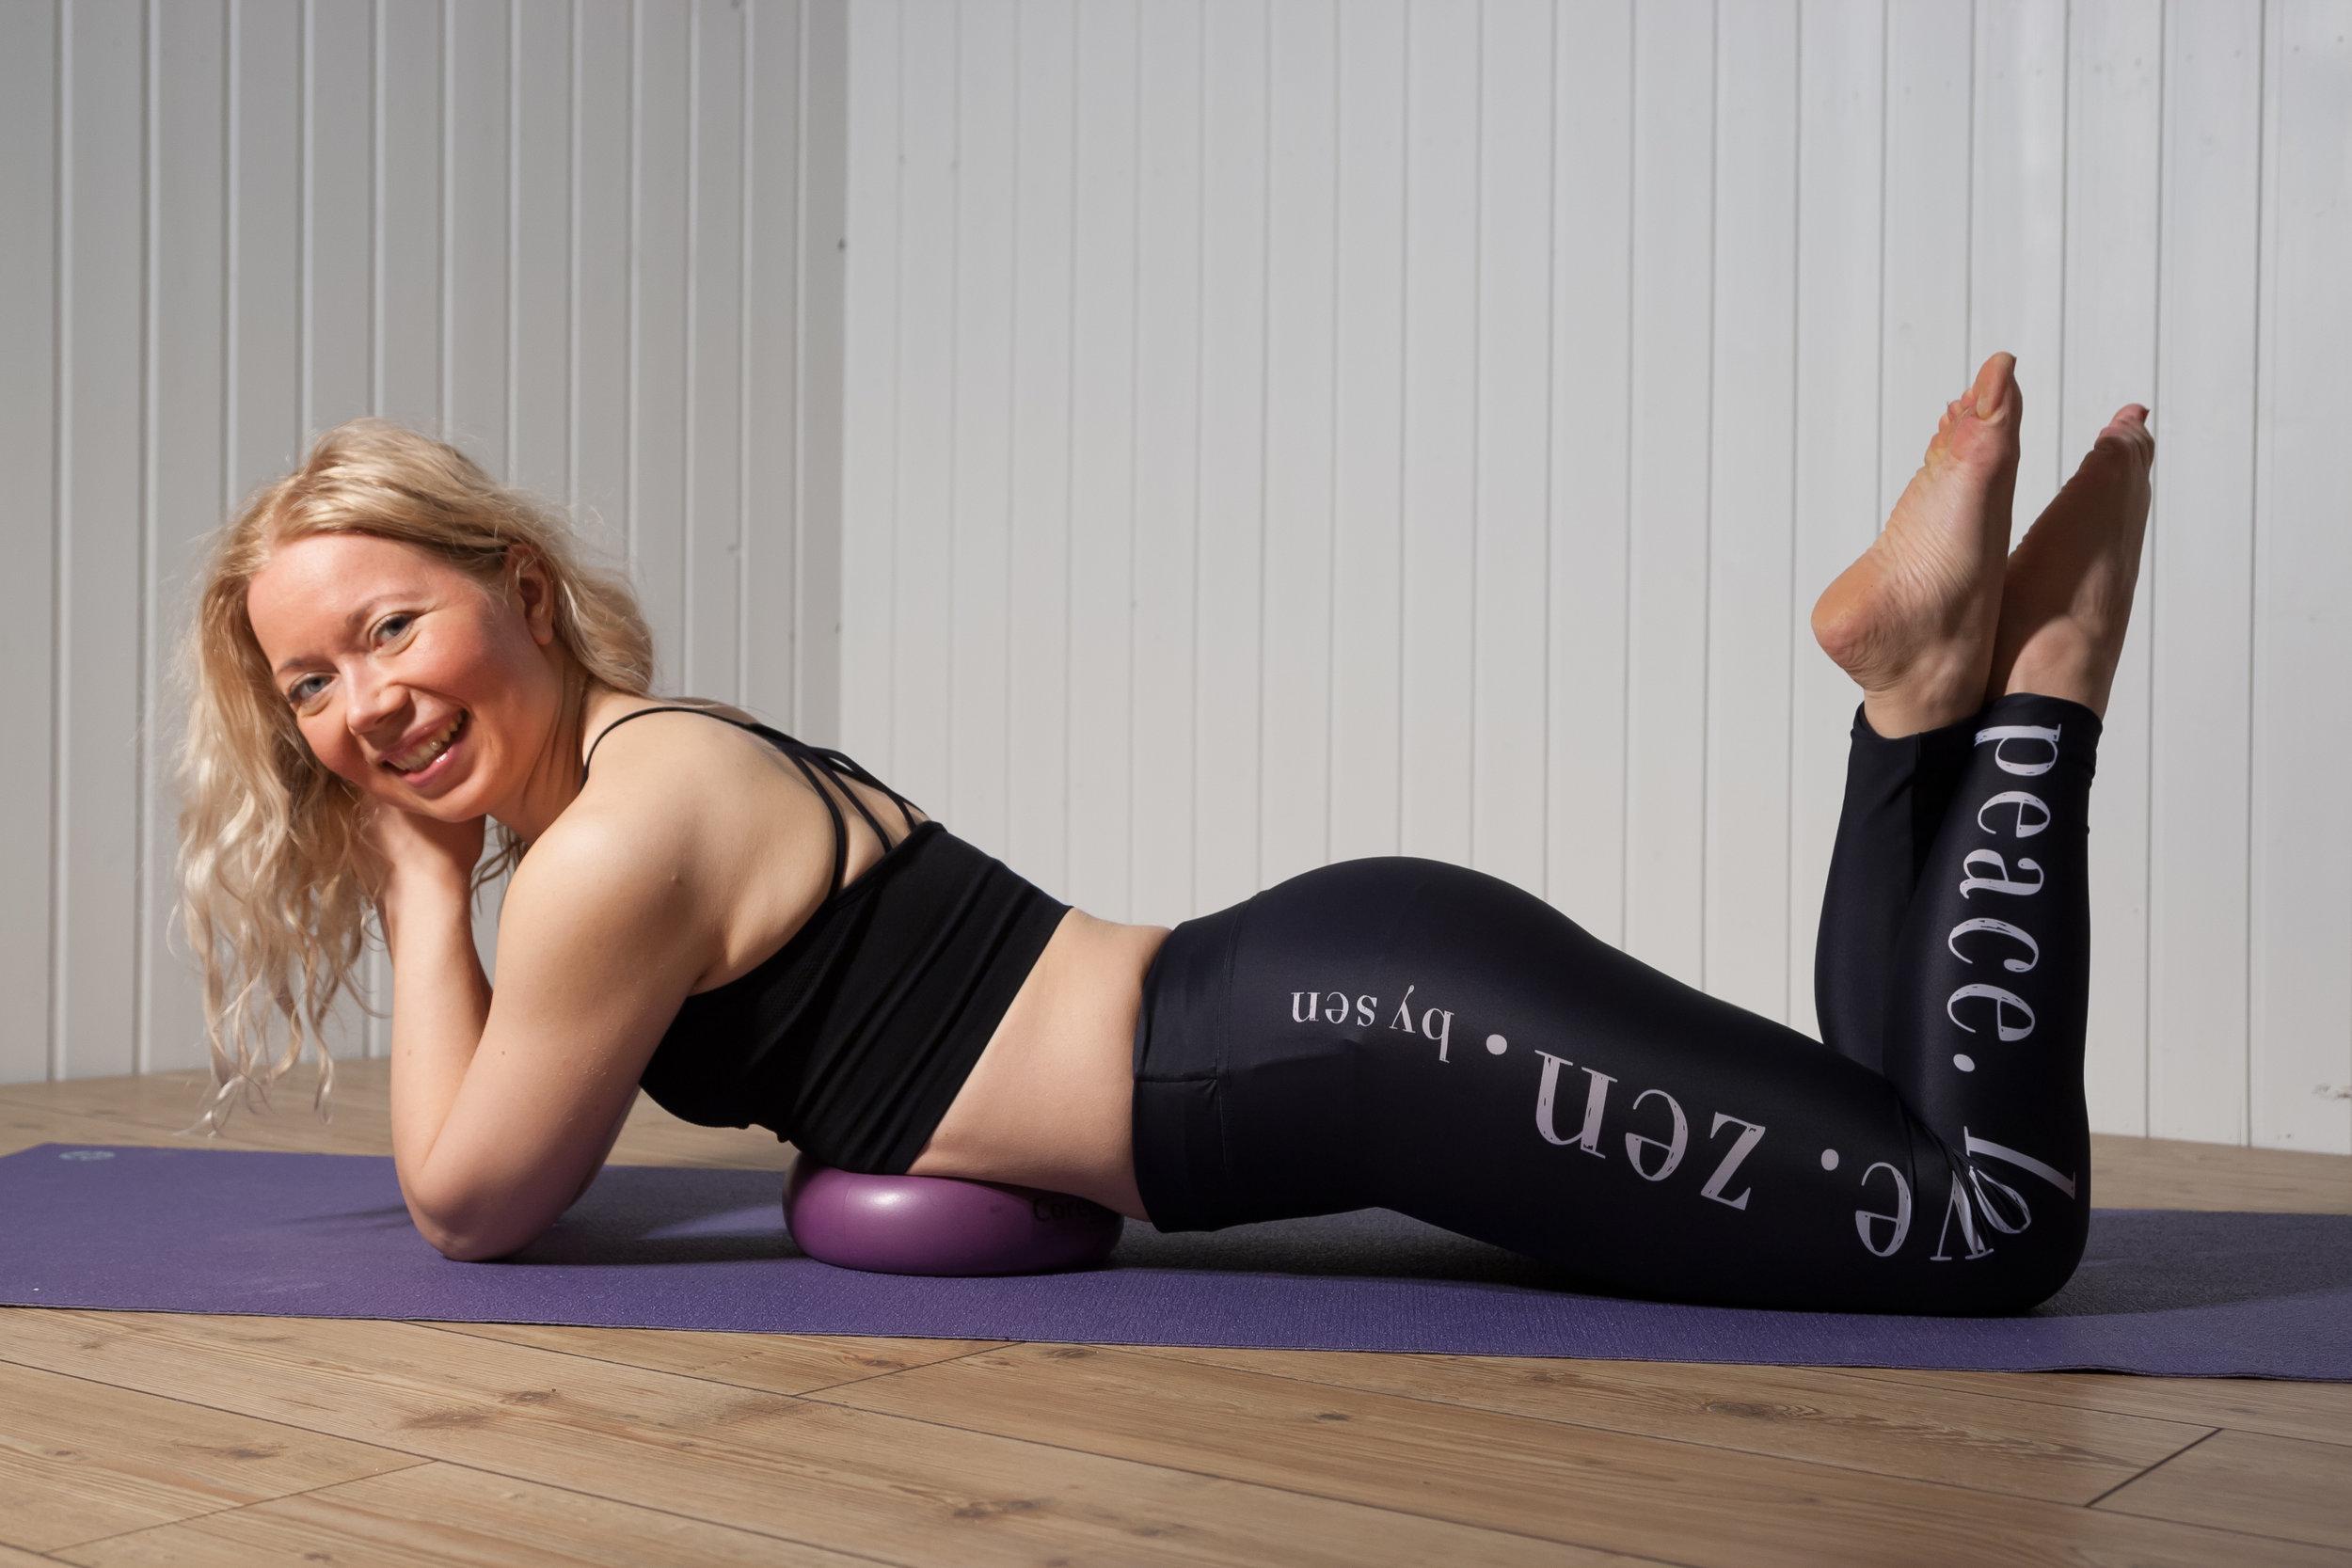 Core Intense workshopissa vahvistetaan keskivartalon syviä lihaksia käyttäen mm. pilates-palloa apuna.